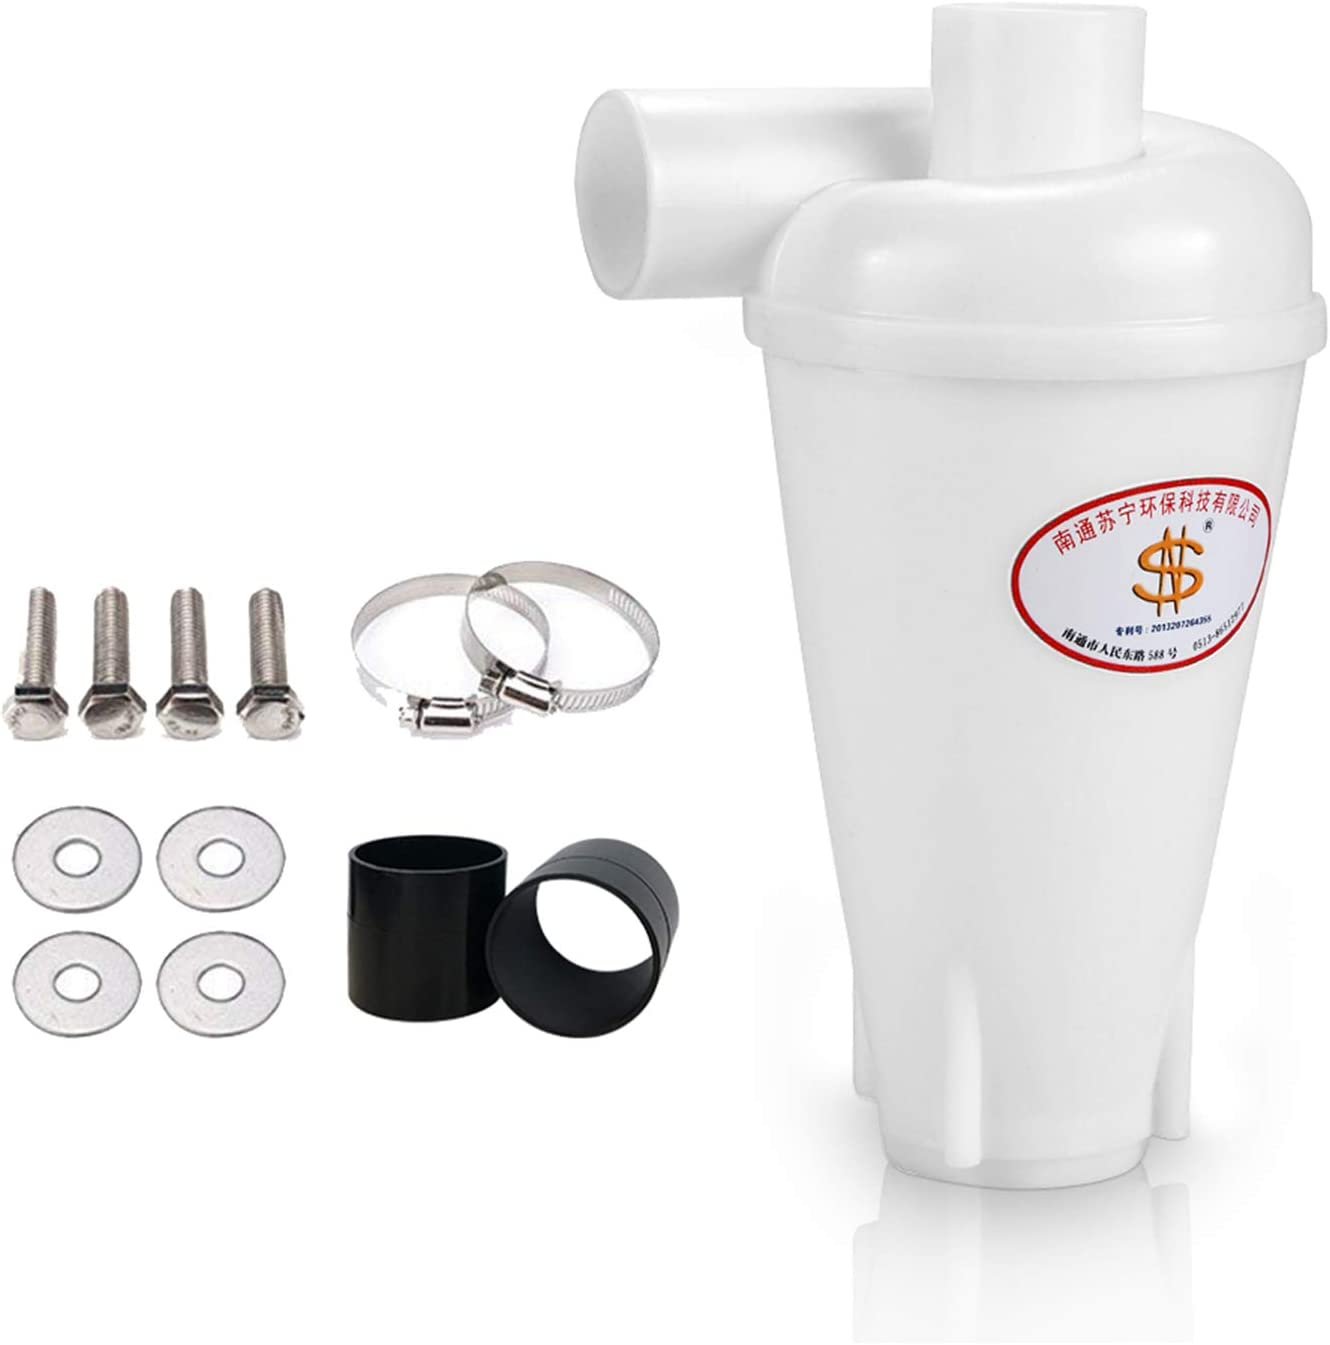 Sailnovo Colector de polvo Extractor de polvo Separador Ciclónico Filtro Ciclón Recolección de Polvo para Aspirador (Blanco con accesorios)